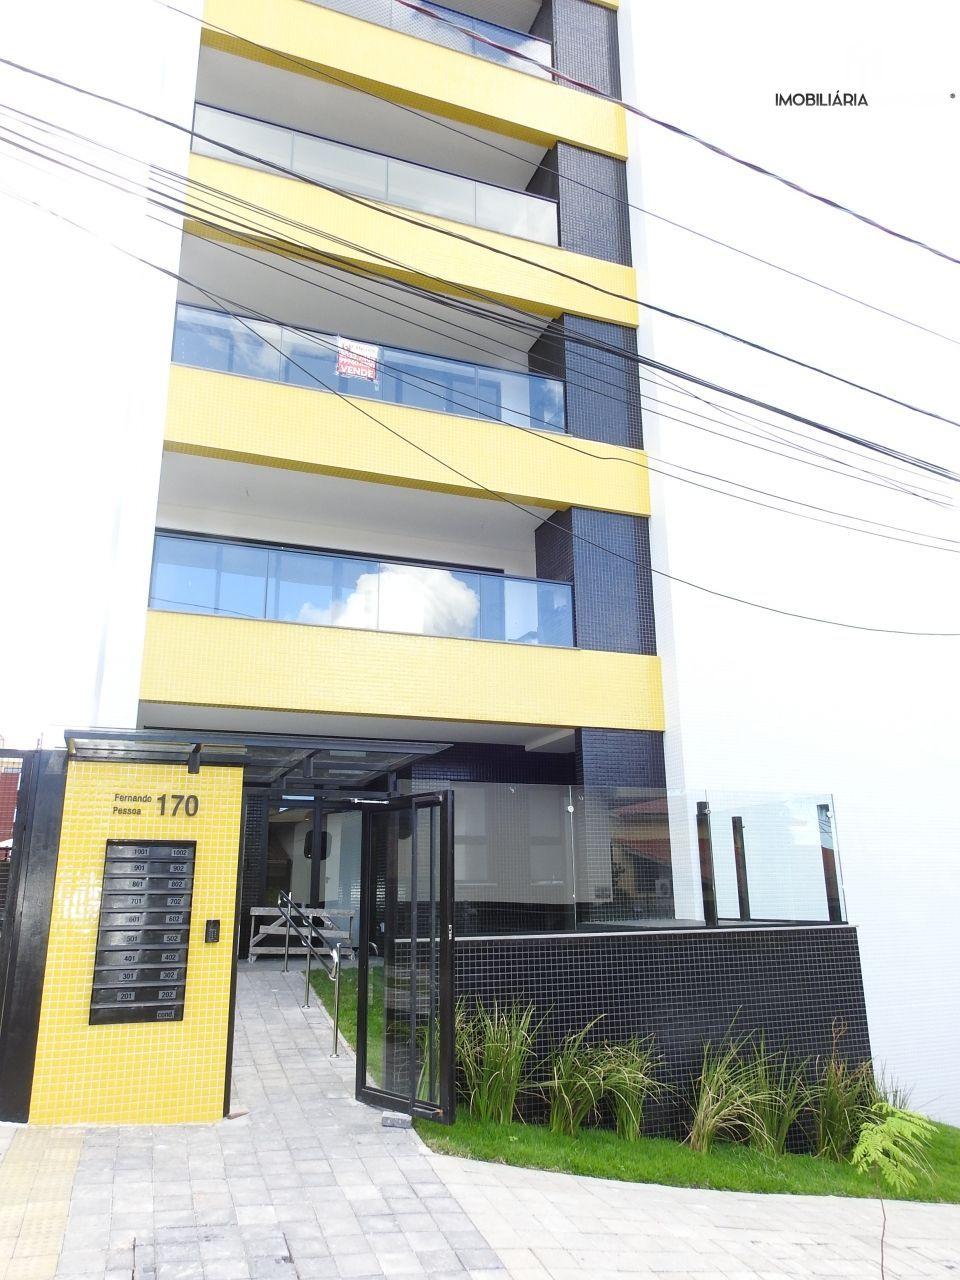 Apartamento com 3 Dormitórios à venda, 140 m² por R$ 830.000,00